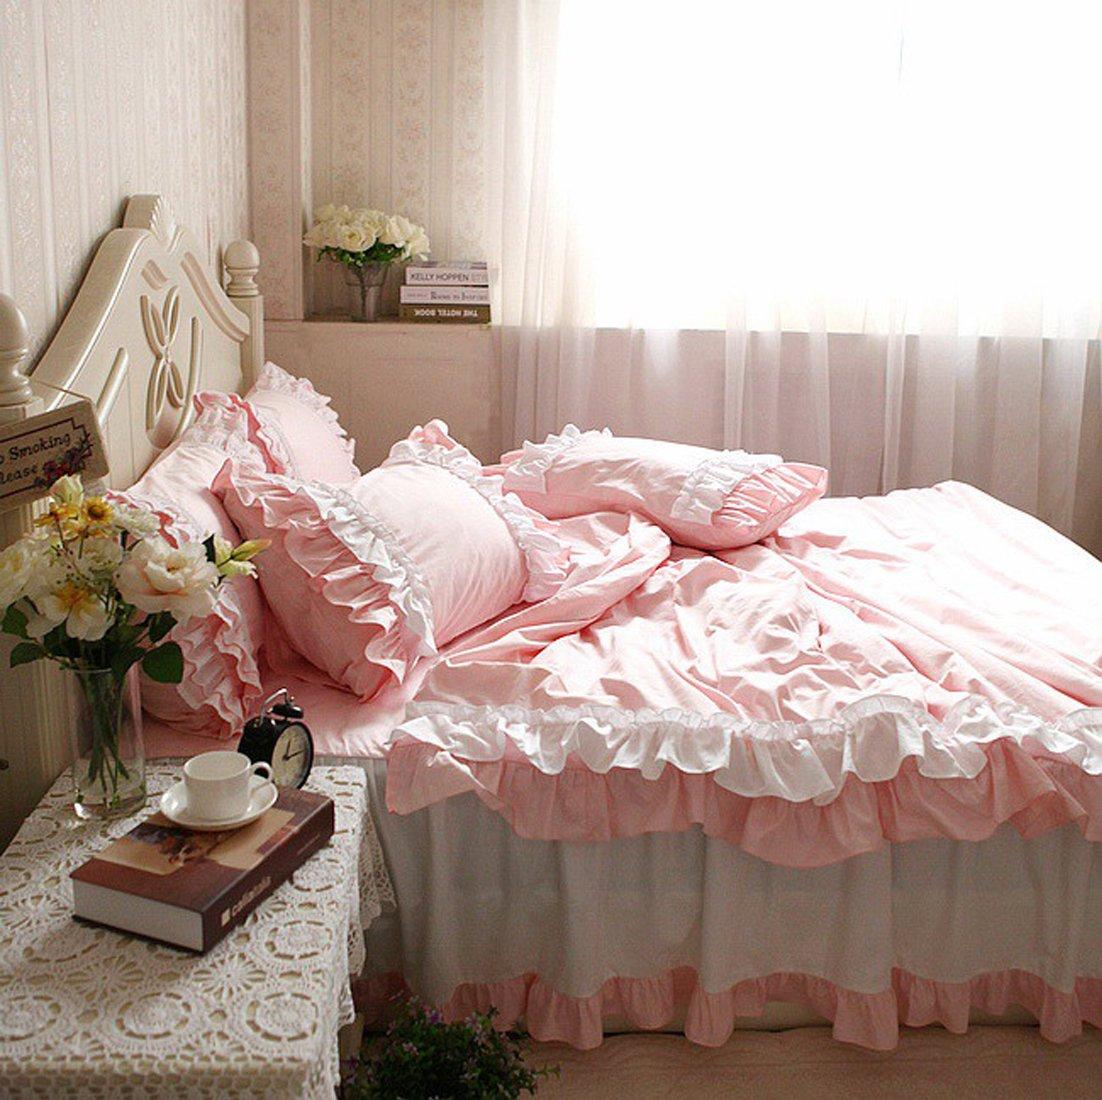 寝具カバーセット 【ようこそ、姫様の世界へ!】綿100%ピンクとホワイトの組み合わせ寝具カバーセット (クイーン) B00L2AOS0K クイーン クイーン